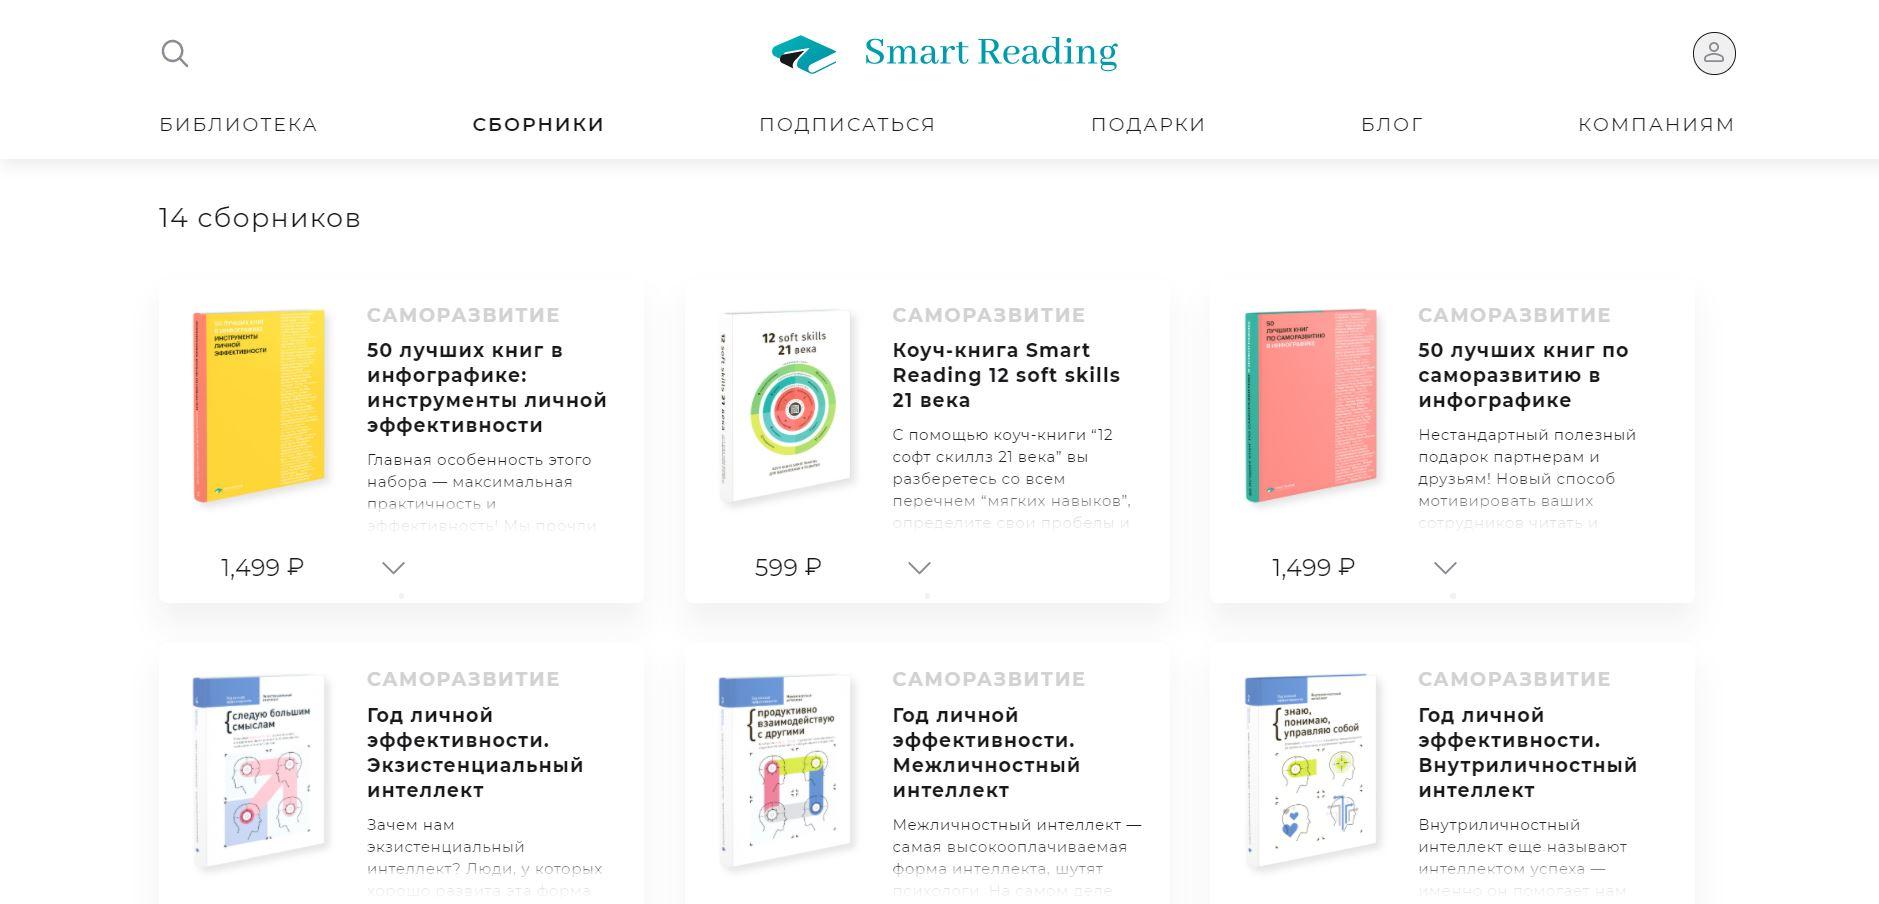 Сервис Smart Reading. Библиотека саммари для чтения нон-фикшн книг